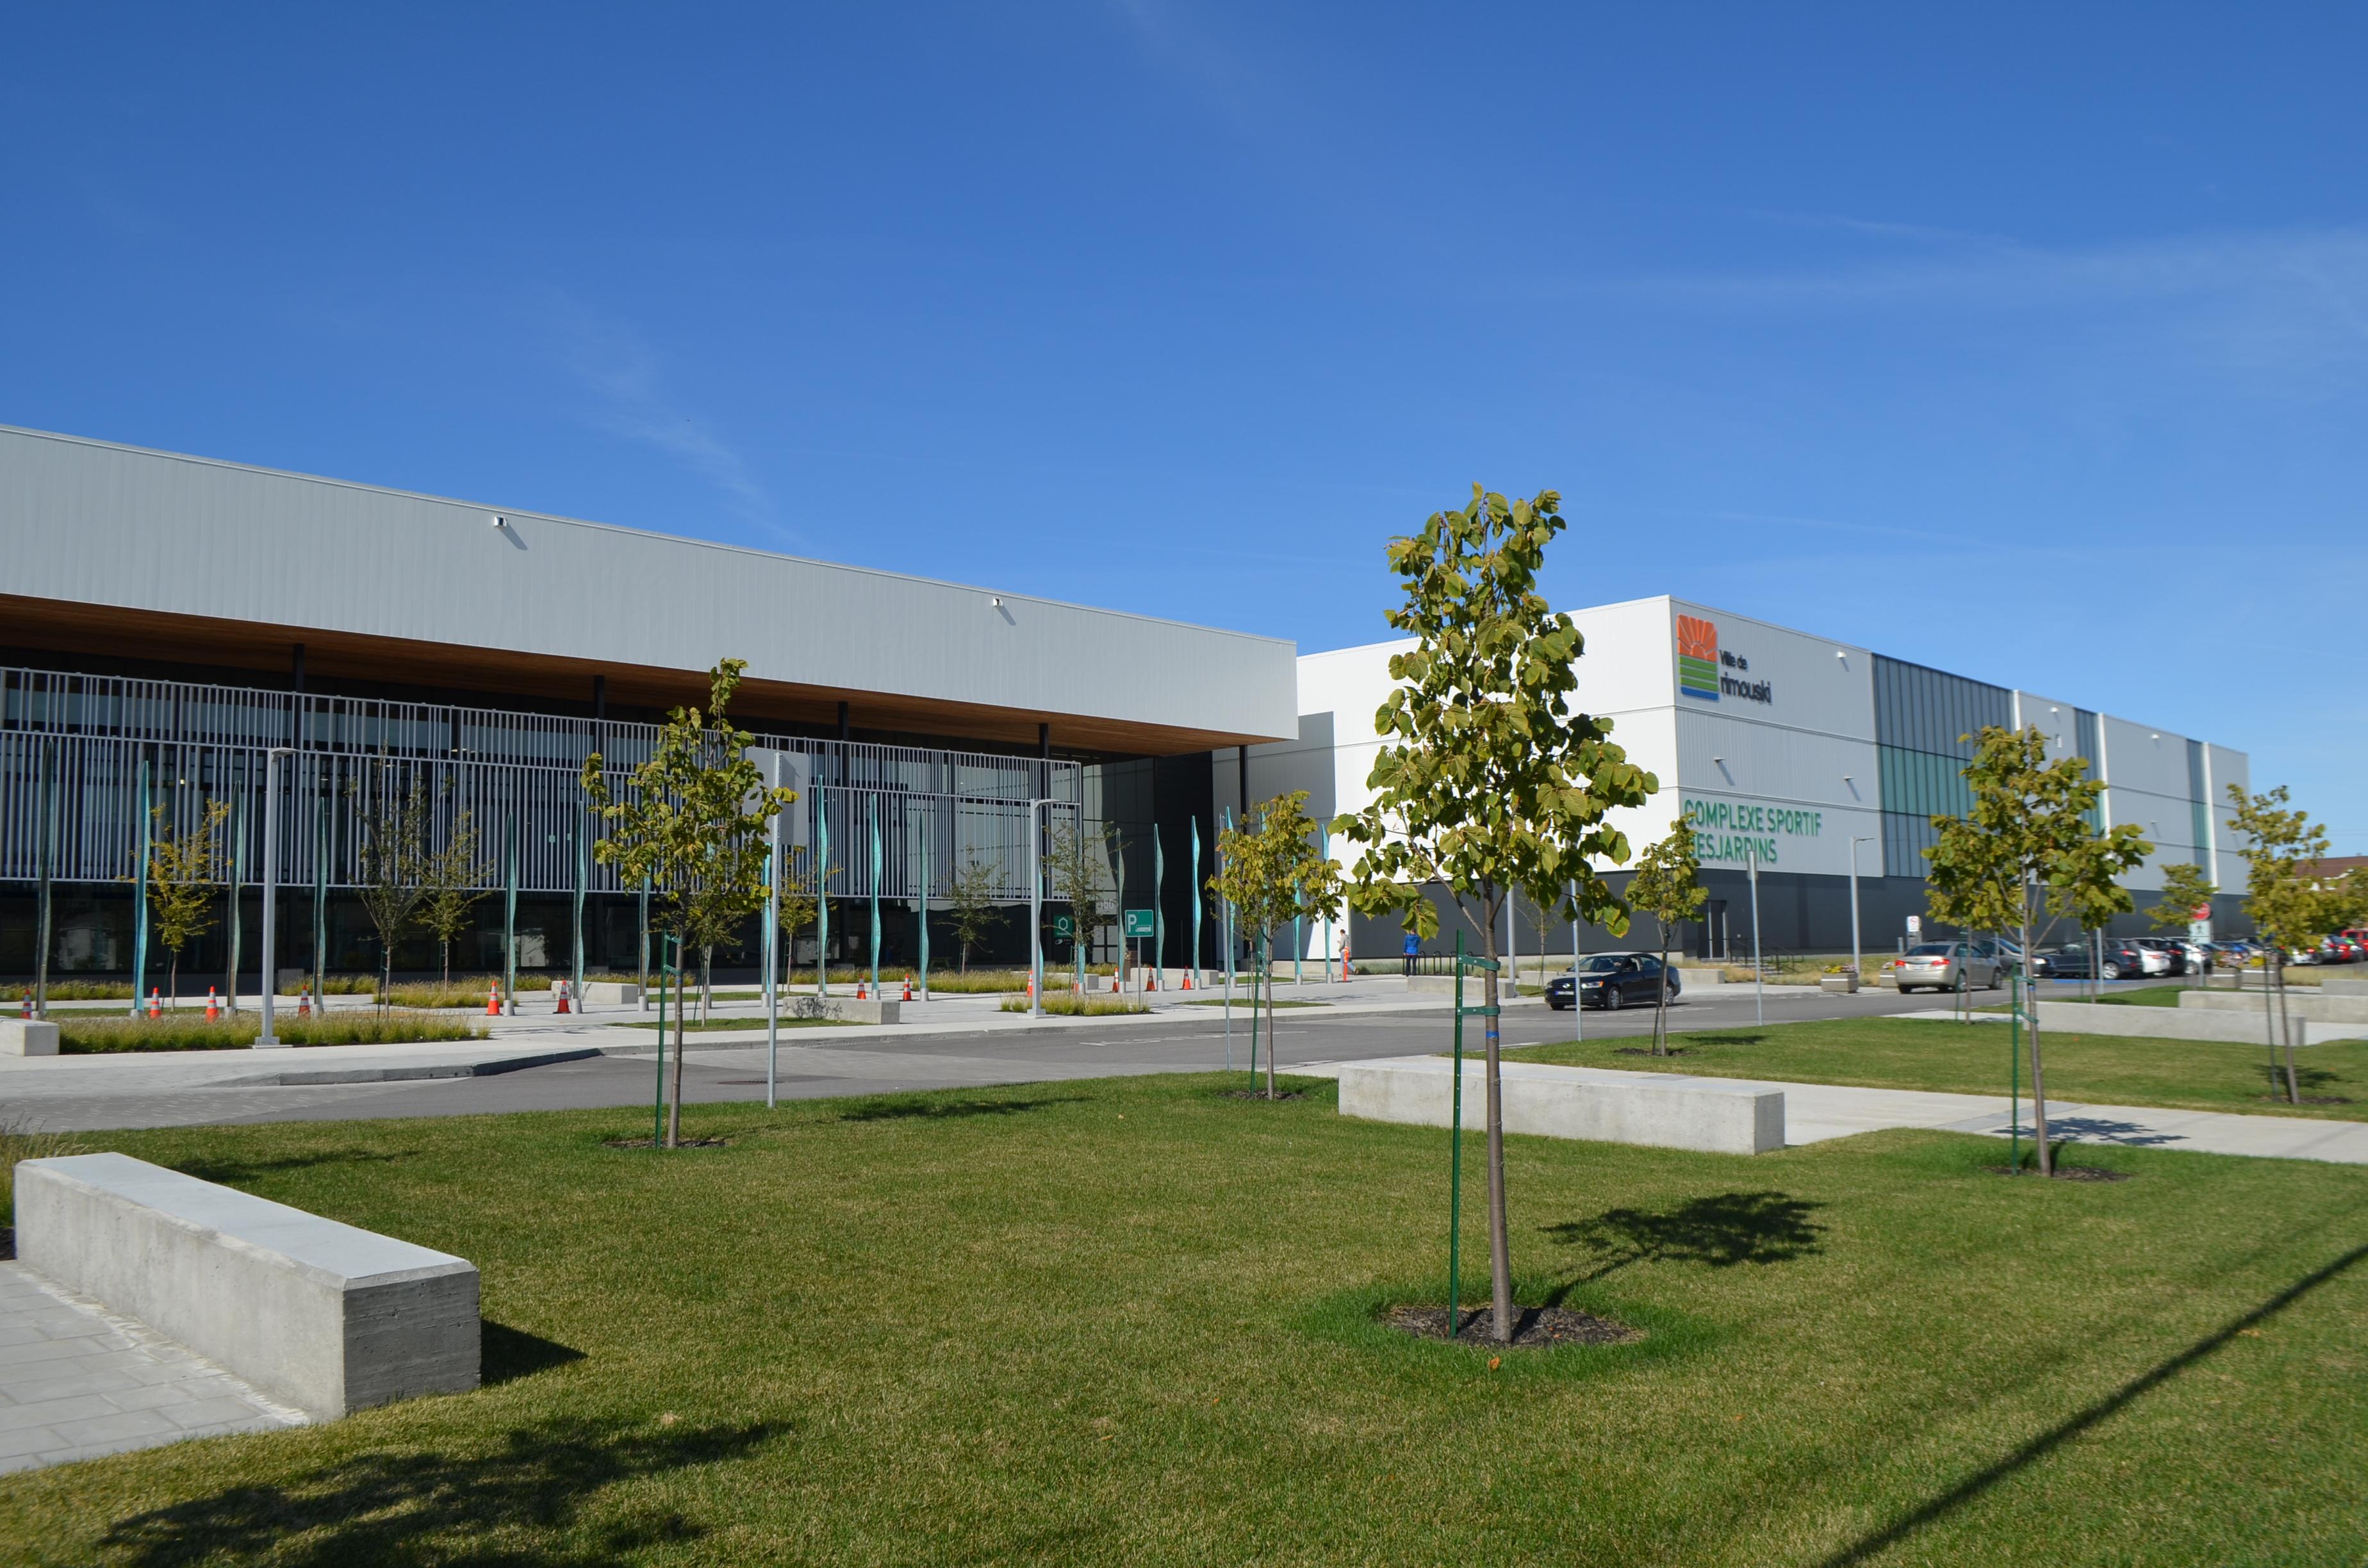 Complexe sportif Desjardins de Rimouski